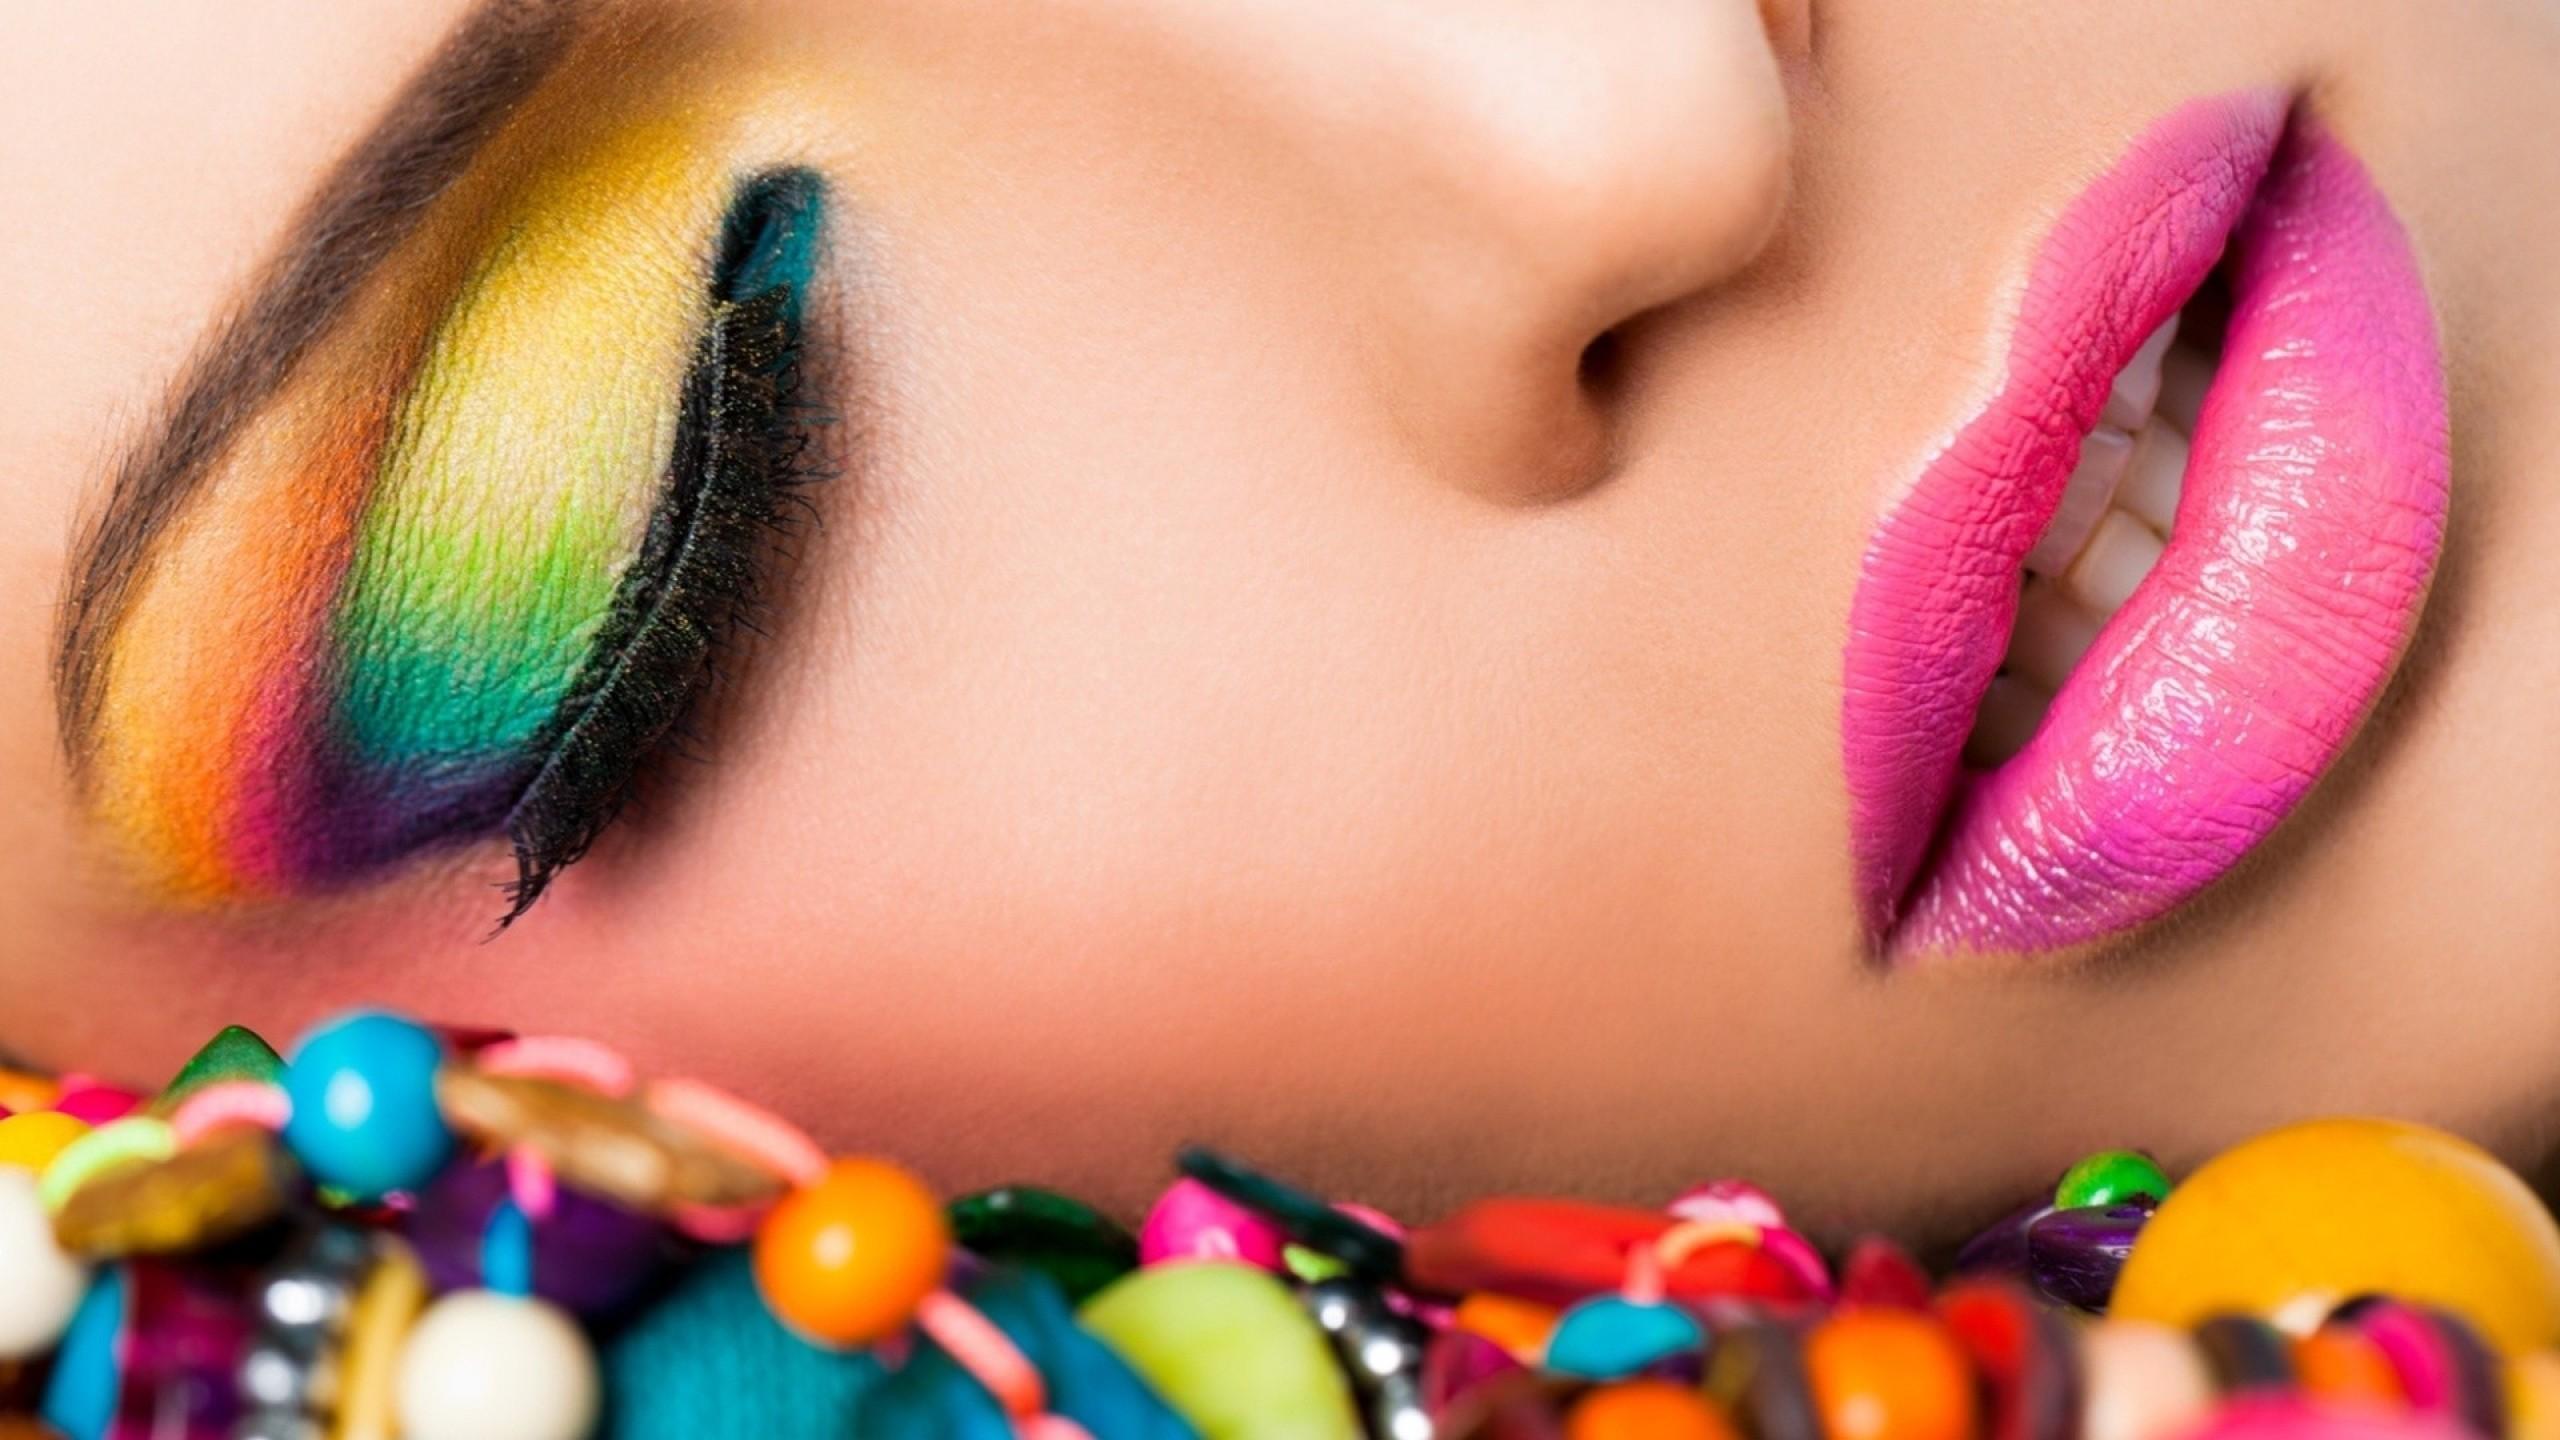 Wallpaper girl, lipstick, makeup, lips, bright